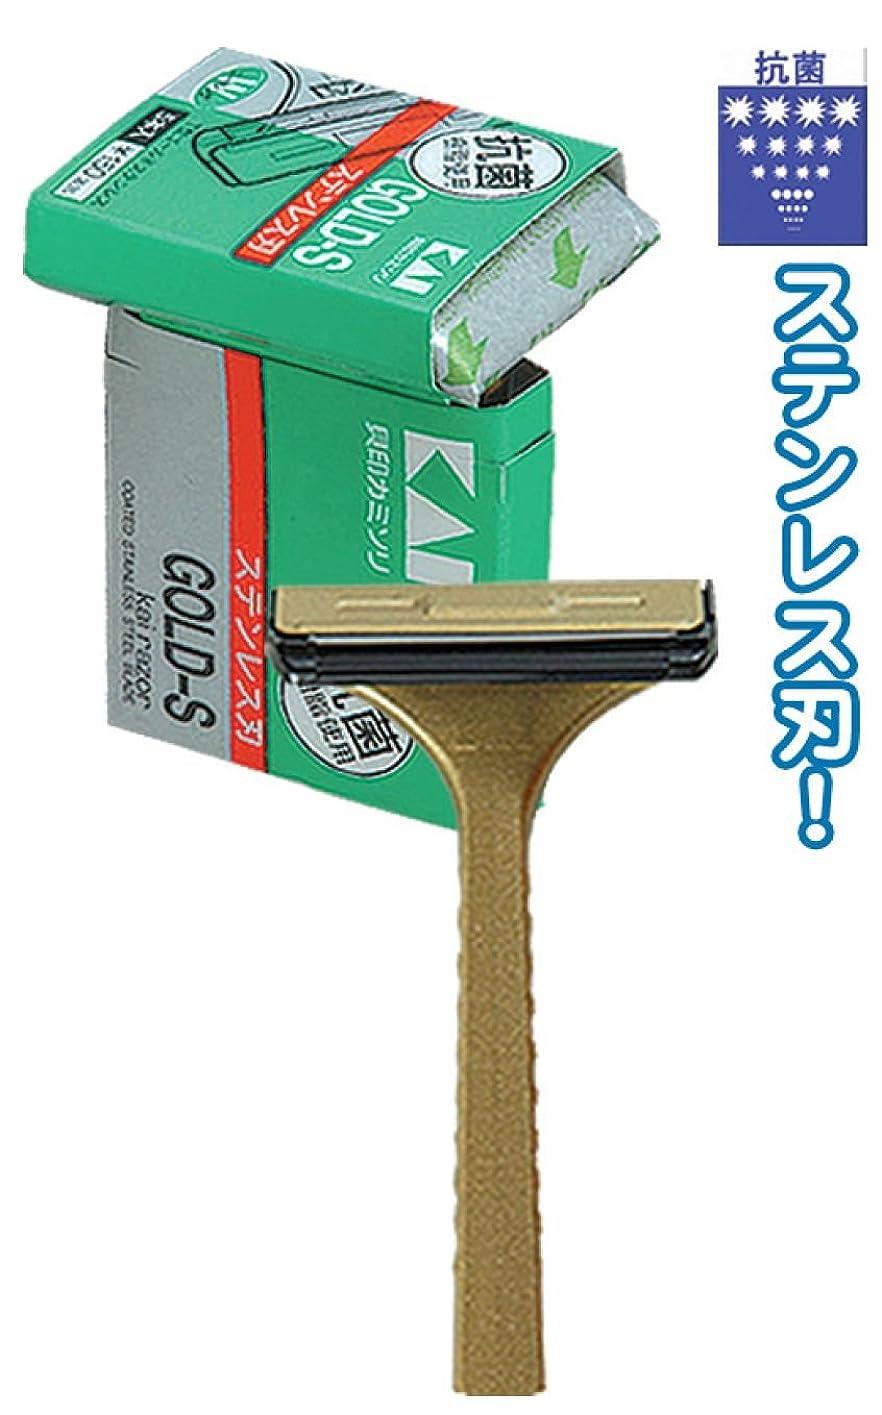 崩壊上昇グローブ貝印00-508 T型ゴールドステンレス(5P) 【まとめ買い20個セット】 21-025